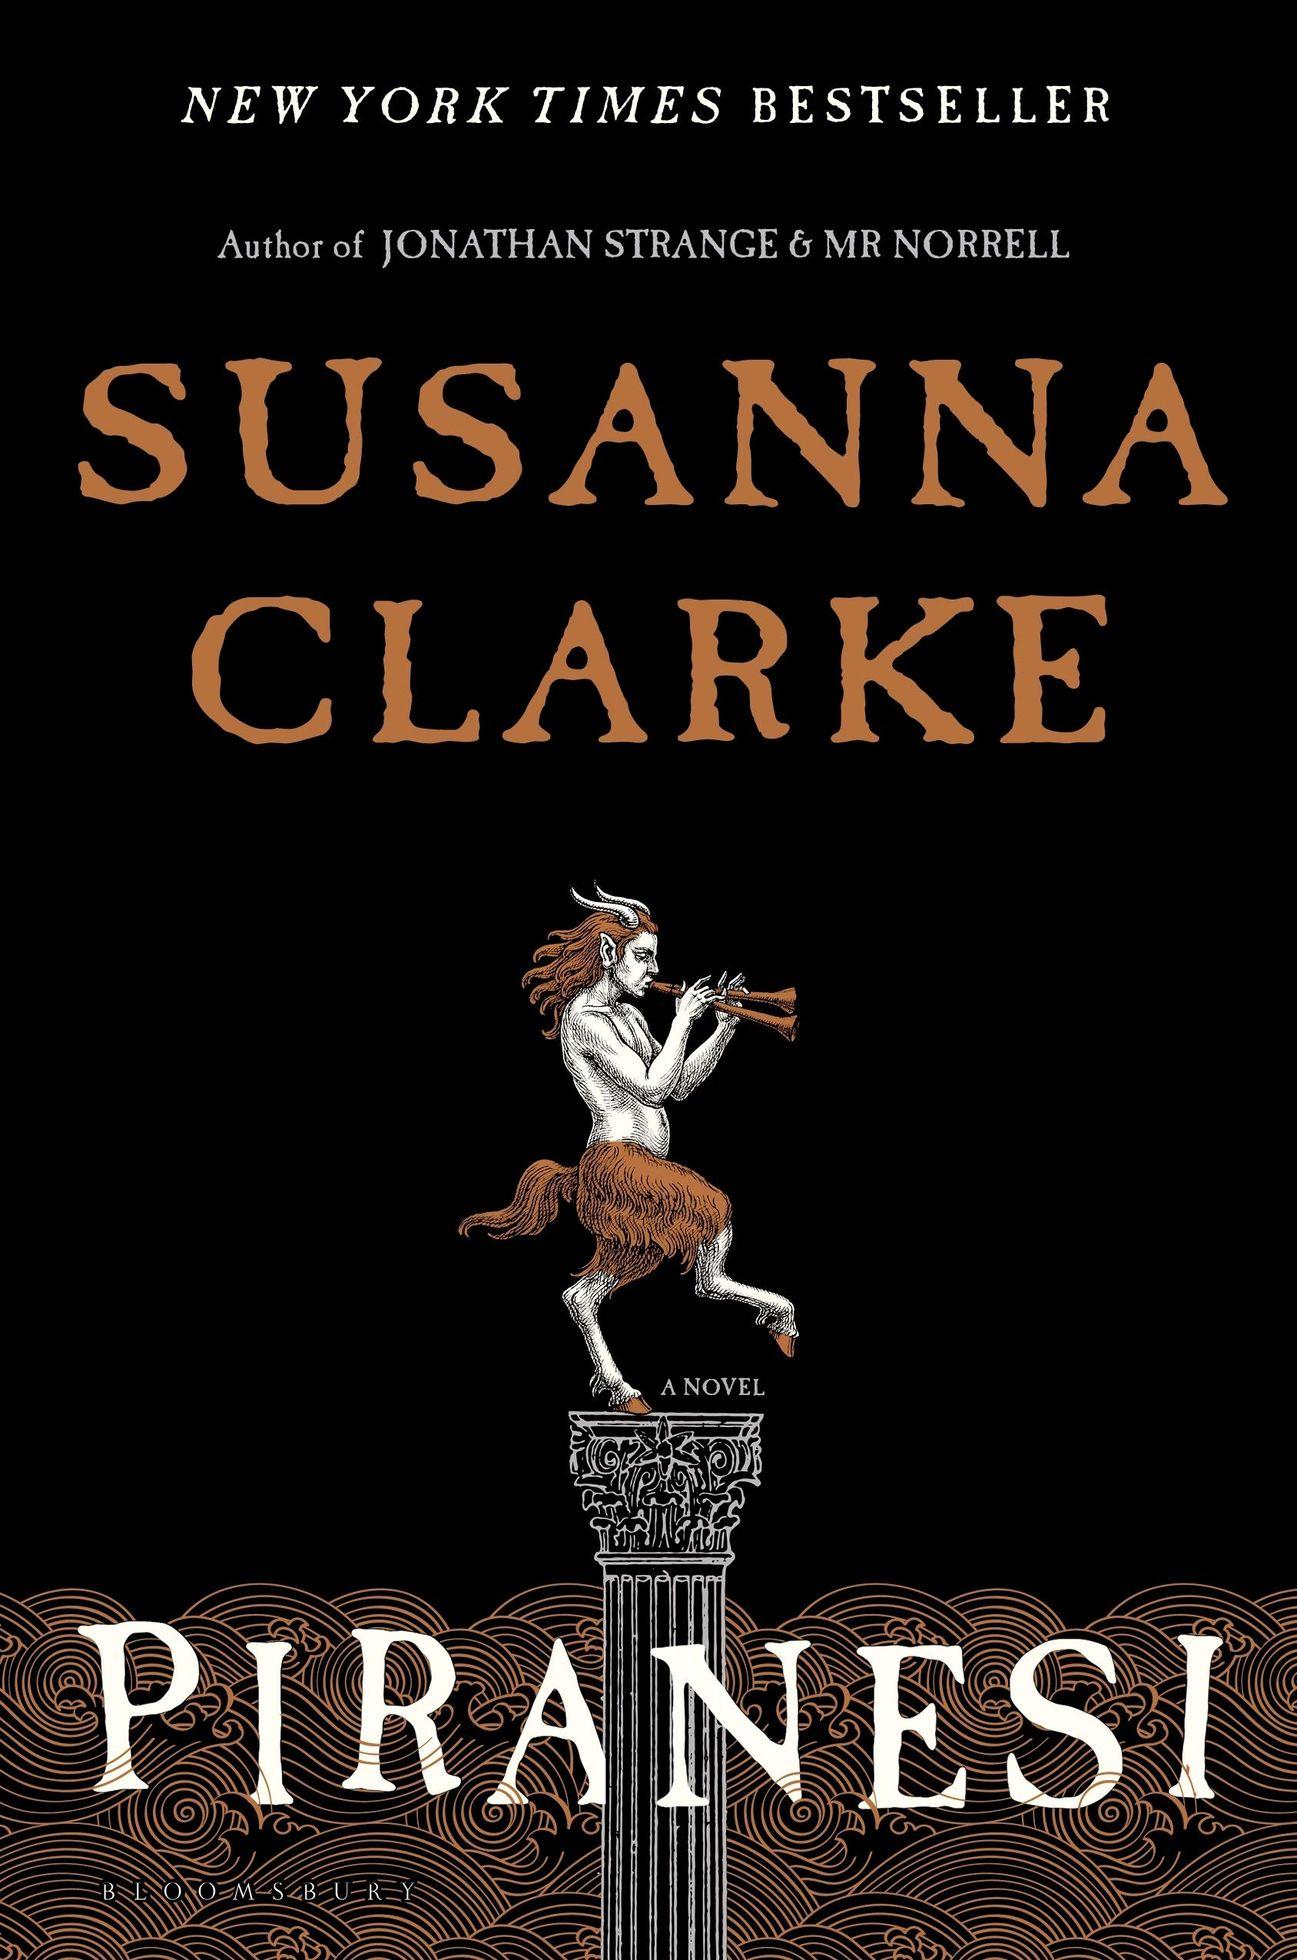 Un prix pour Liu Cixin et un autre pour Susanna Clarke !